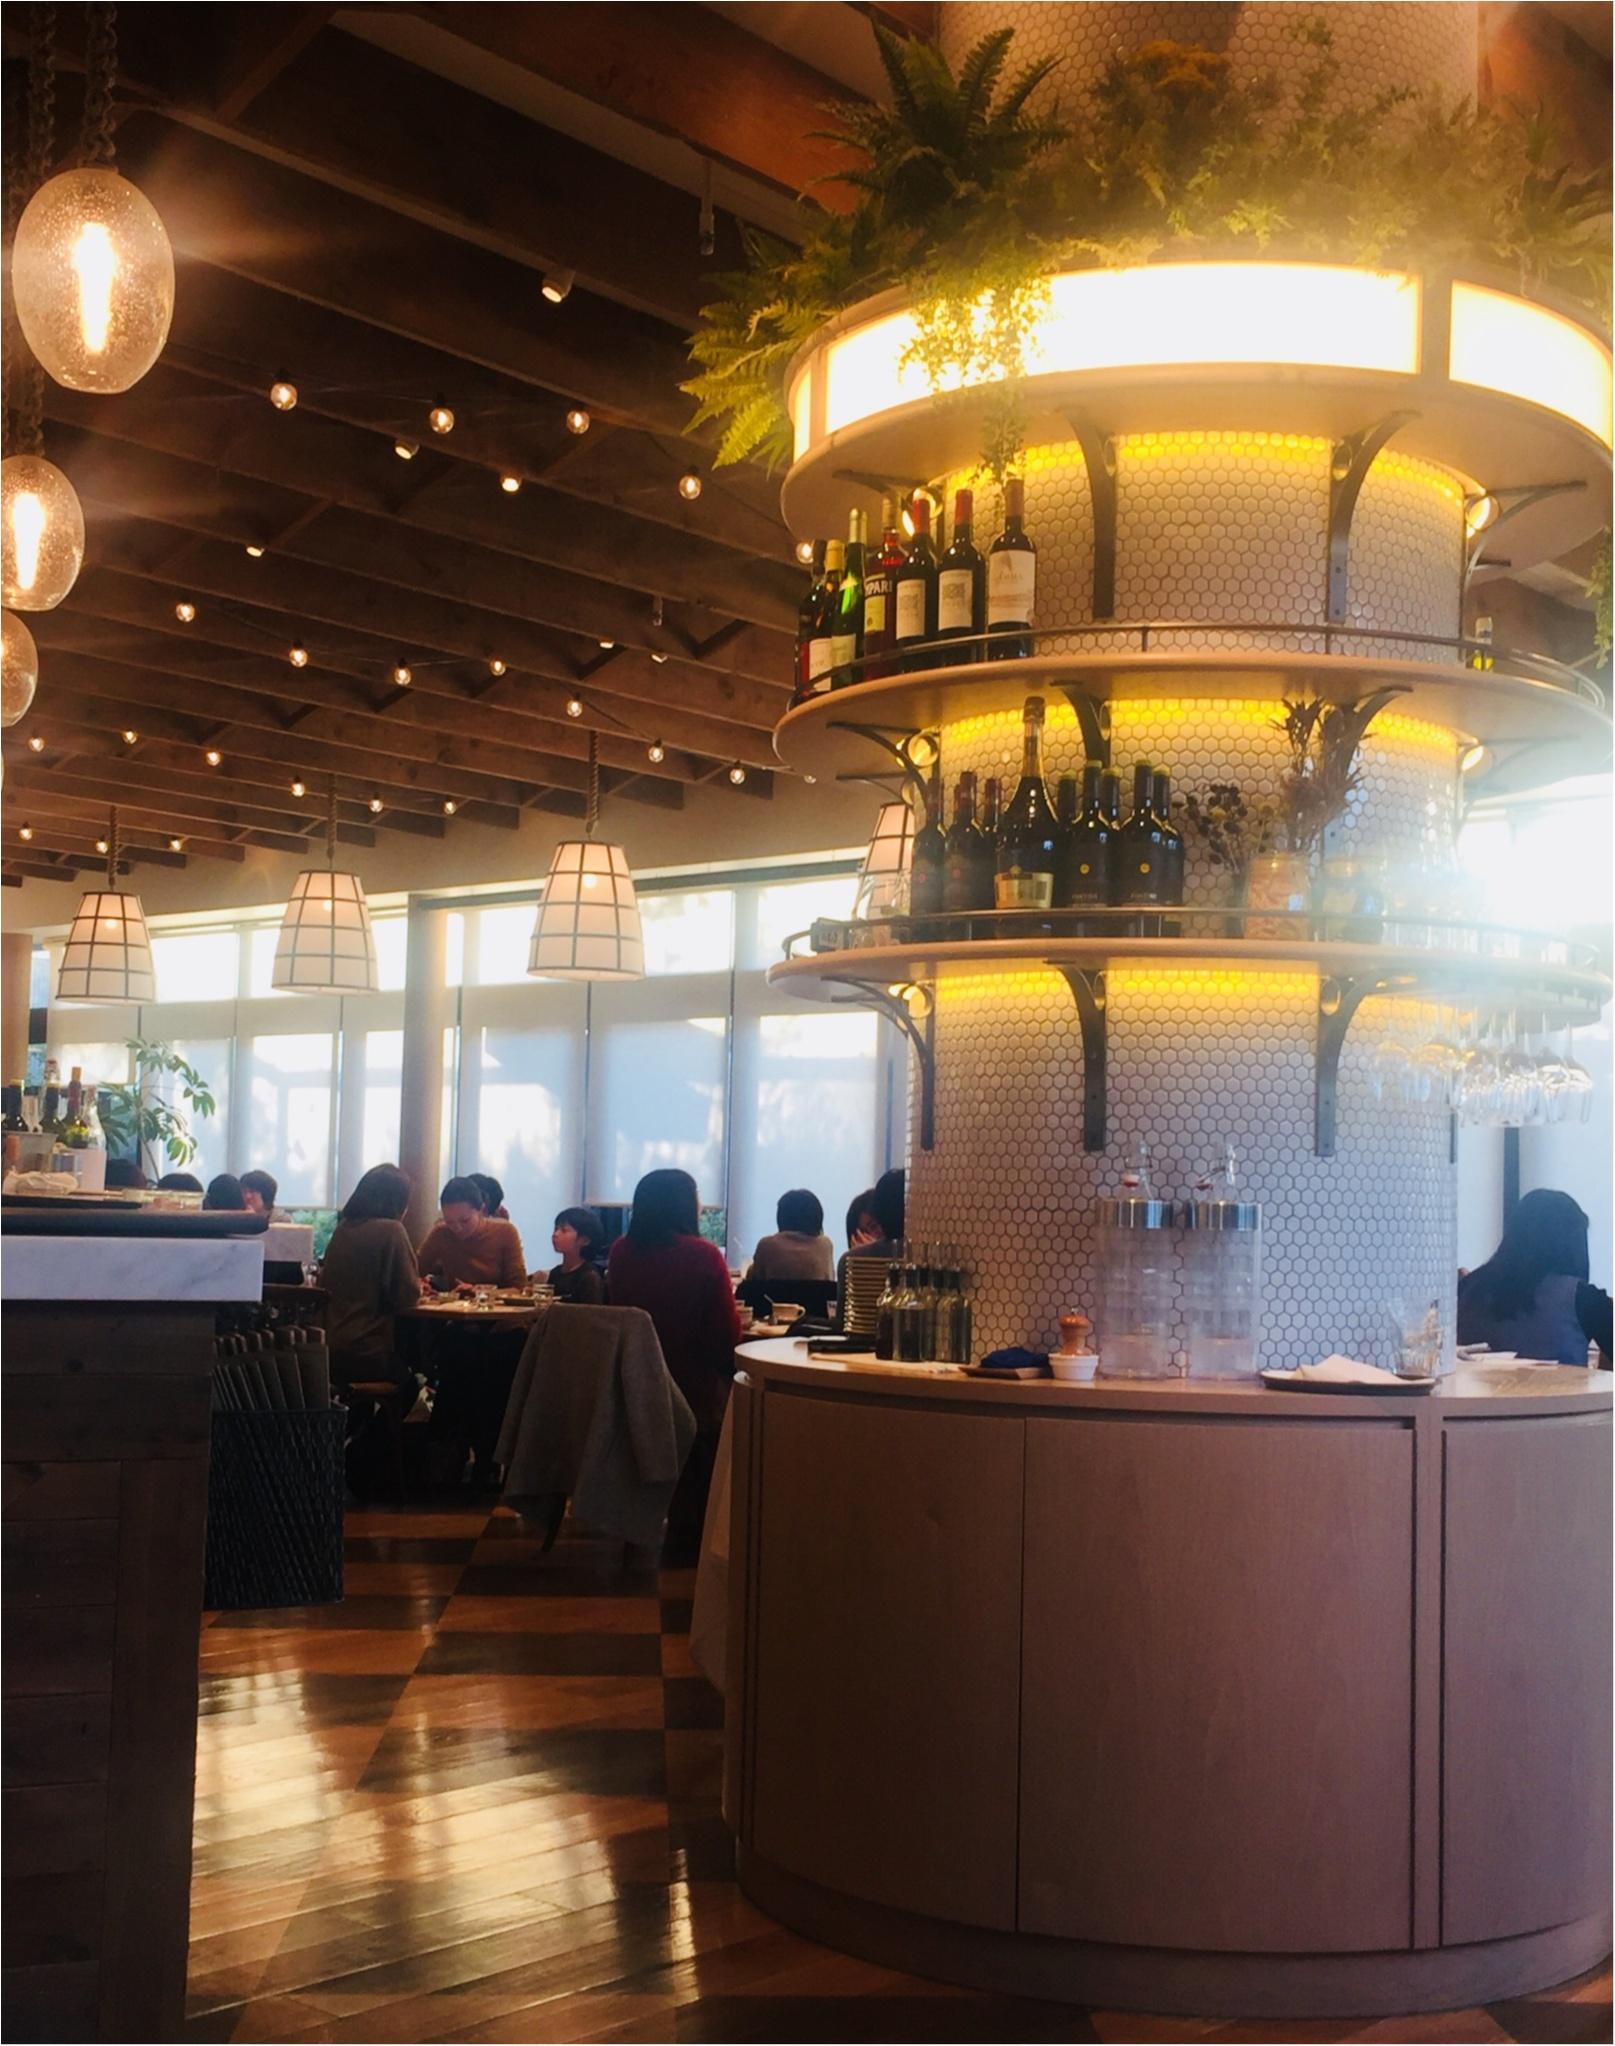 《新宿でご飯をするならココがオススメ★》スタイリッシュな店内で美味しいイタリア料理を楽しんでみて!_2